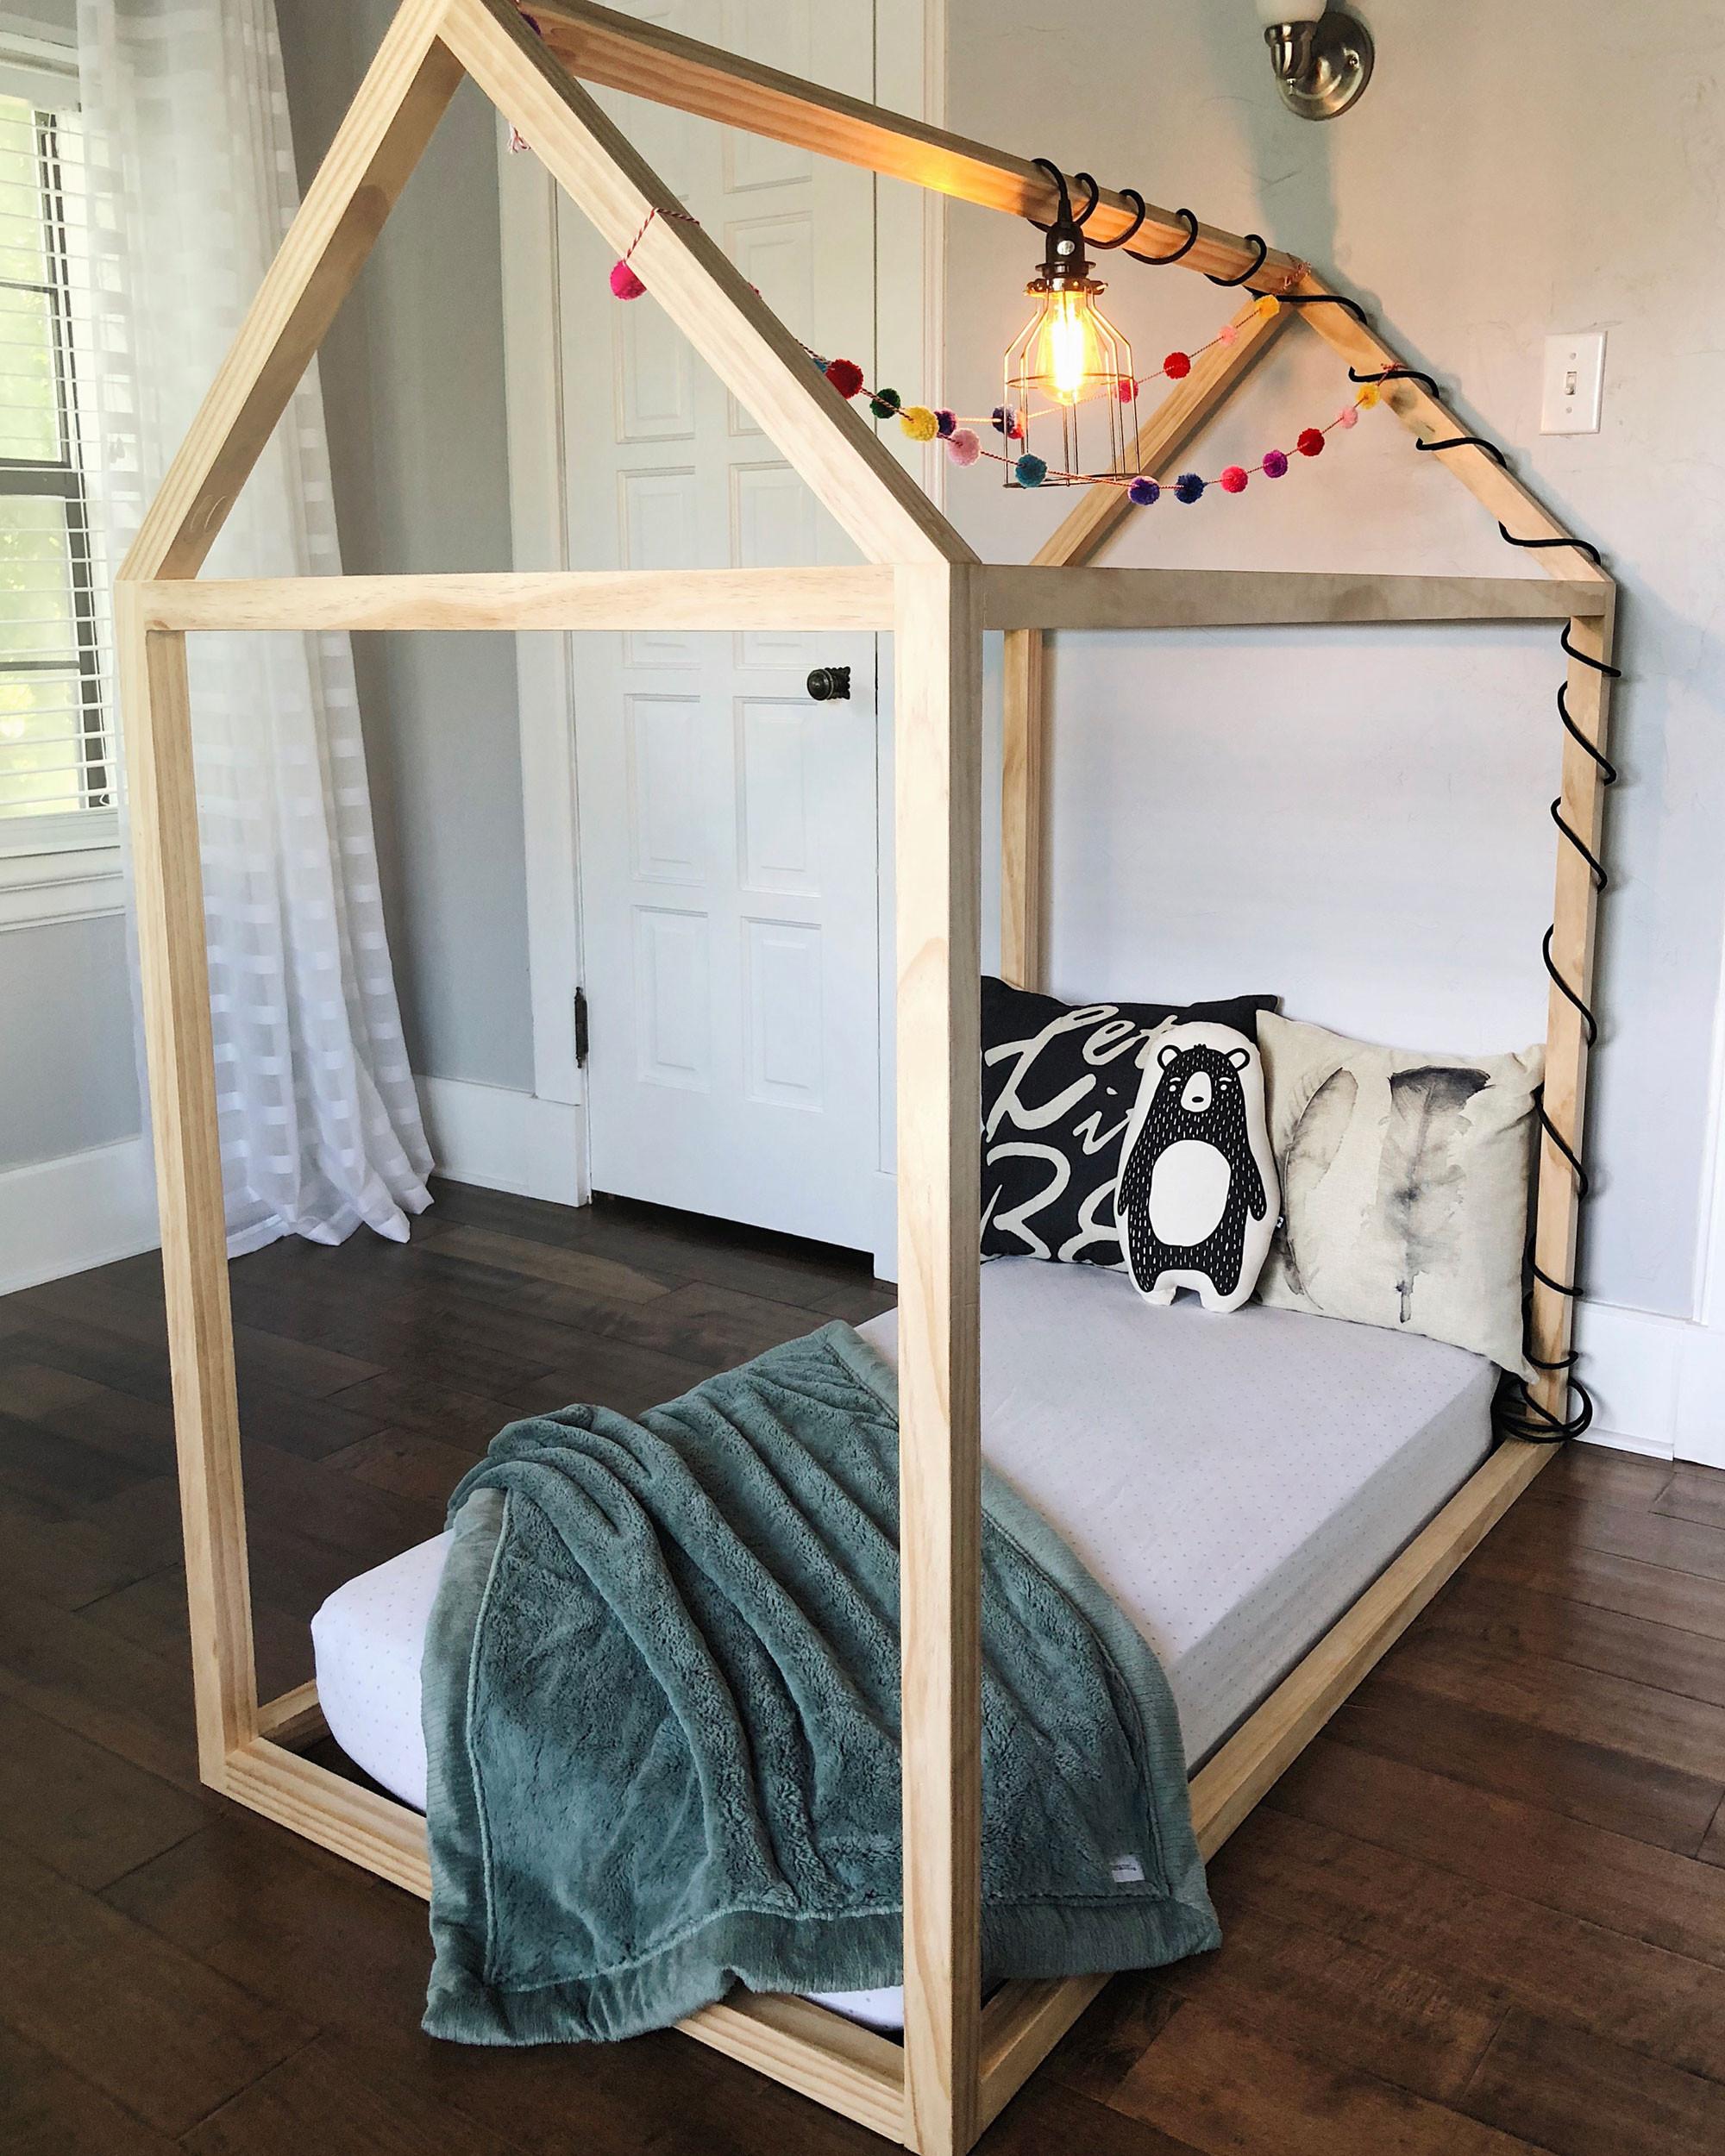 DIY Toddler House Bed  DIY Toddler House Bed The Okie Home